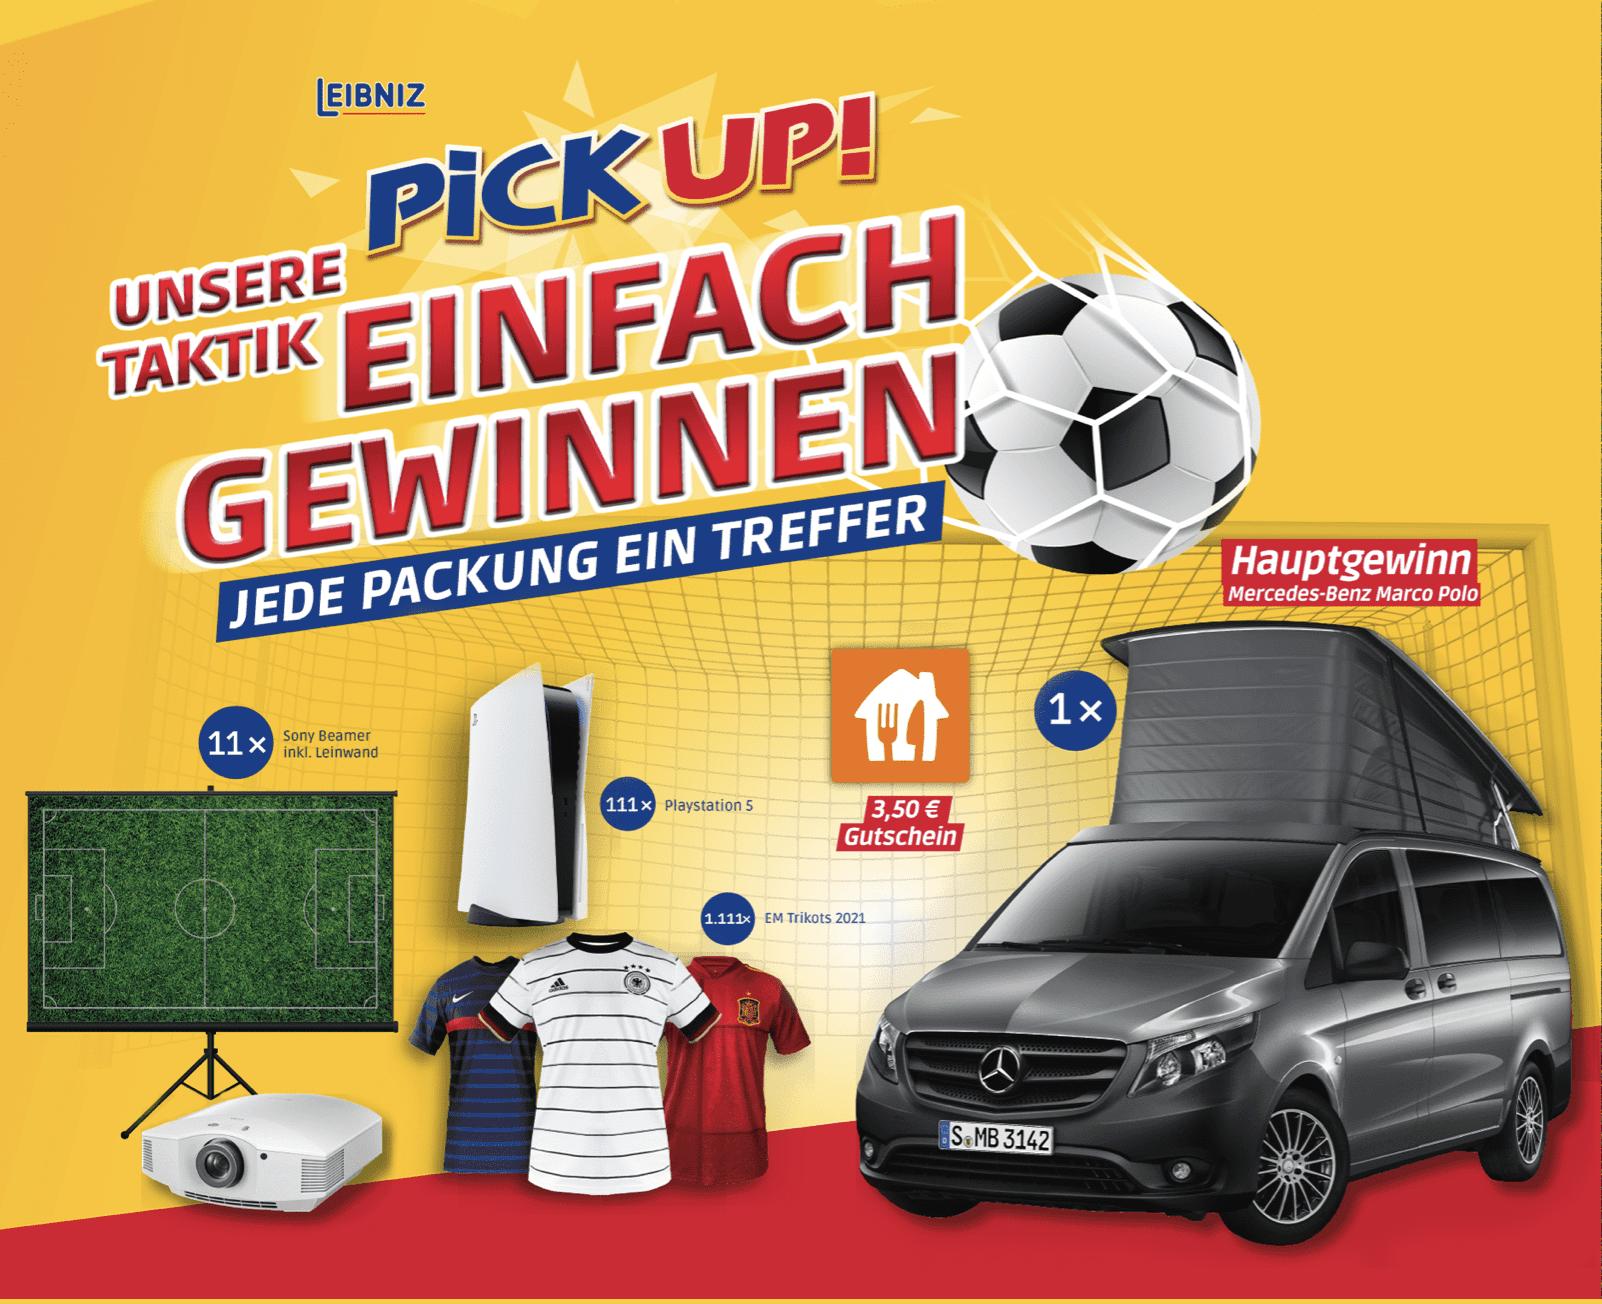 """Gewinnspiel-Cases """"FMCG Süßwaren & Snacks"""" PickUp!"""